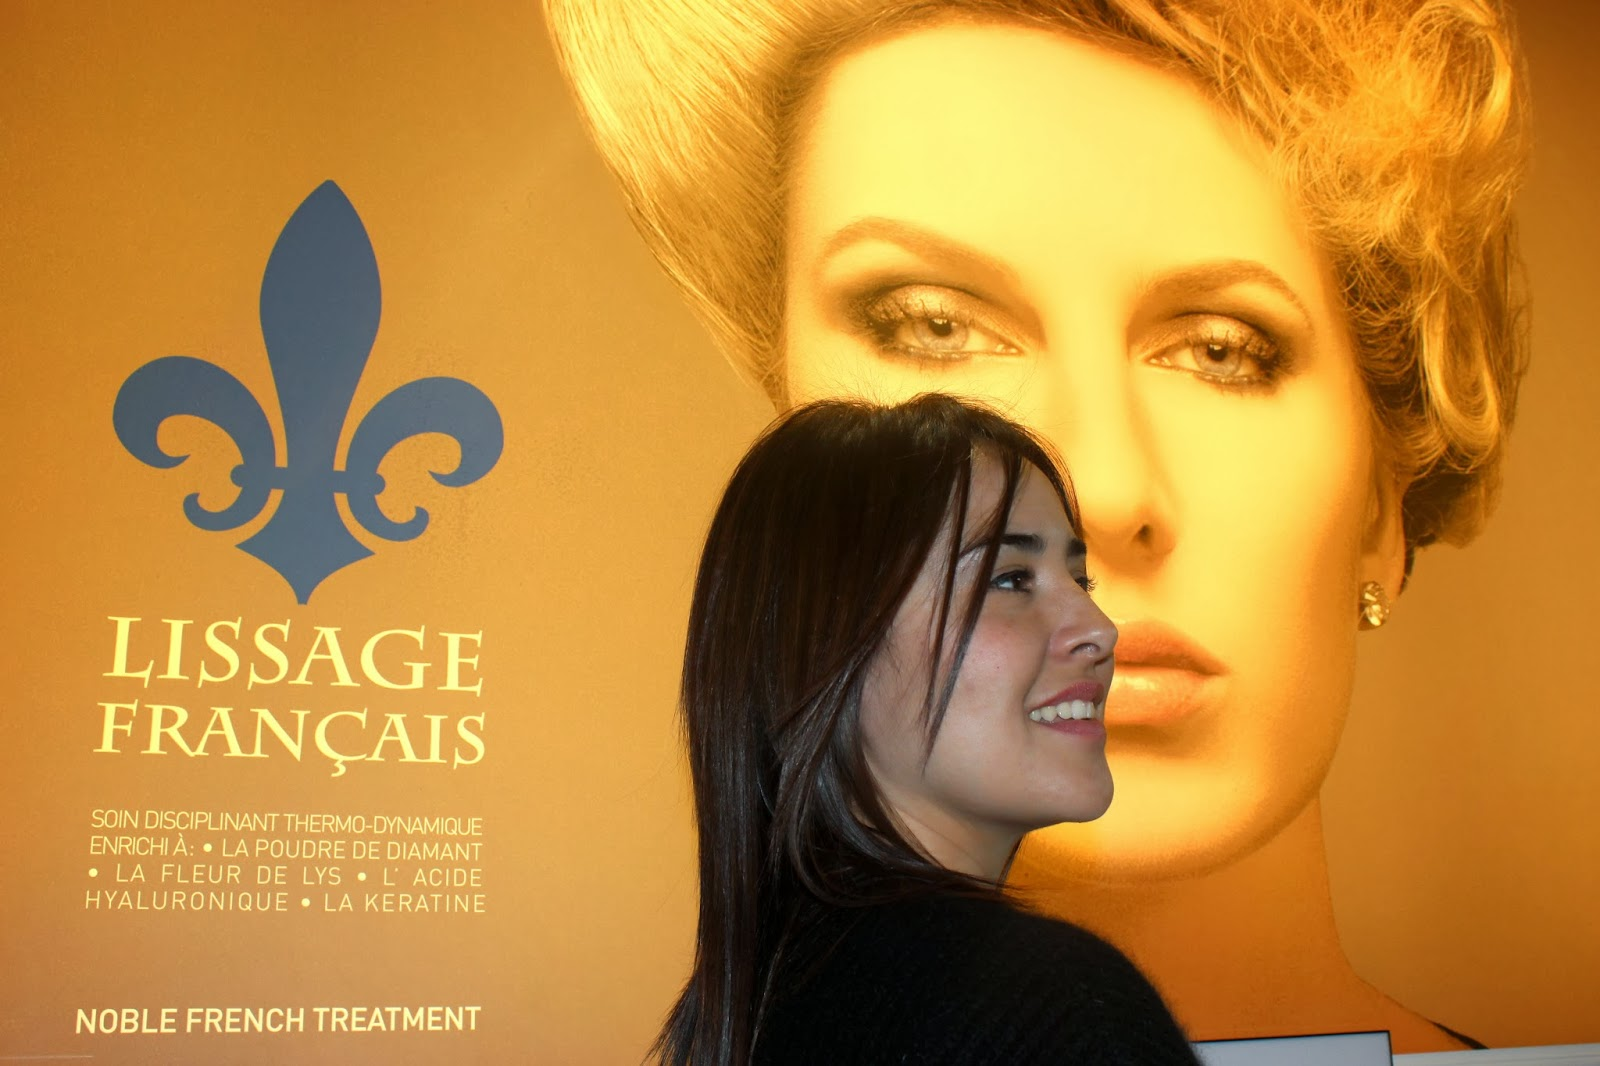 Image Result For Lissage Myriam K